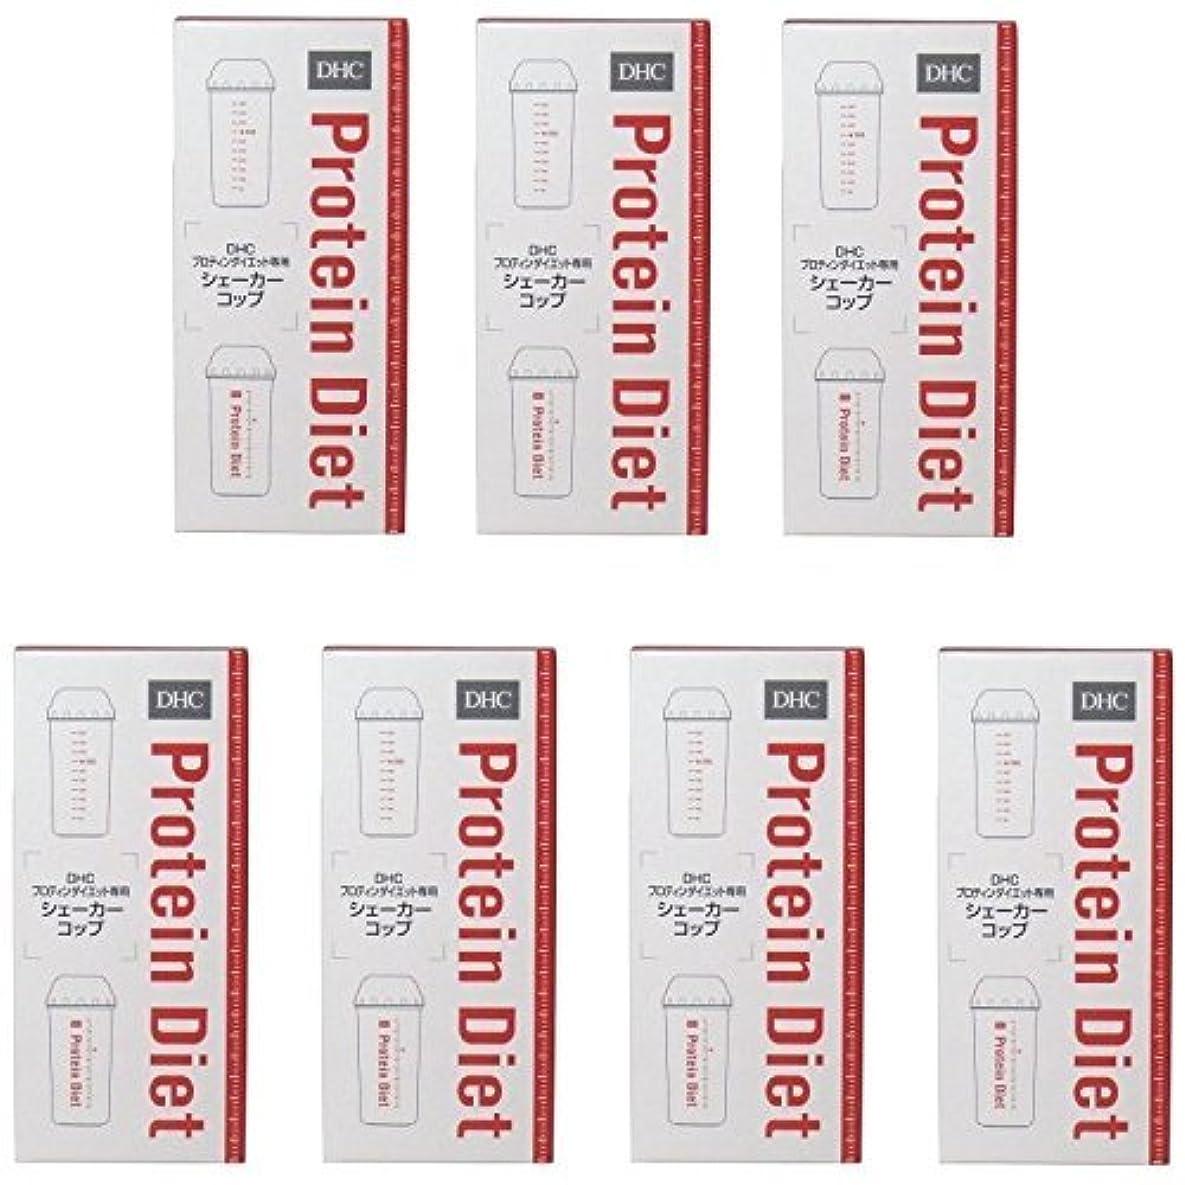 記述する連鎖未満【まとめ買い】DHC プロティンダイエット専用シェーカーコップ 1個【×7セット】